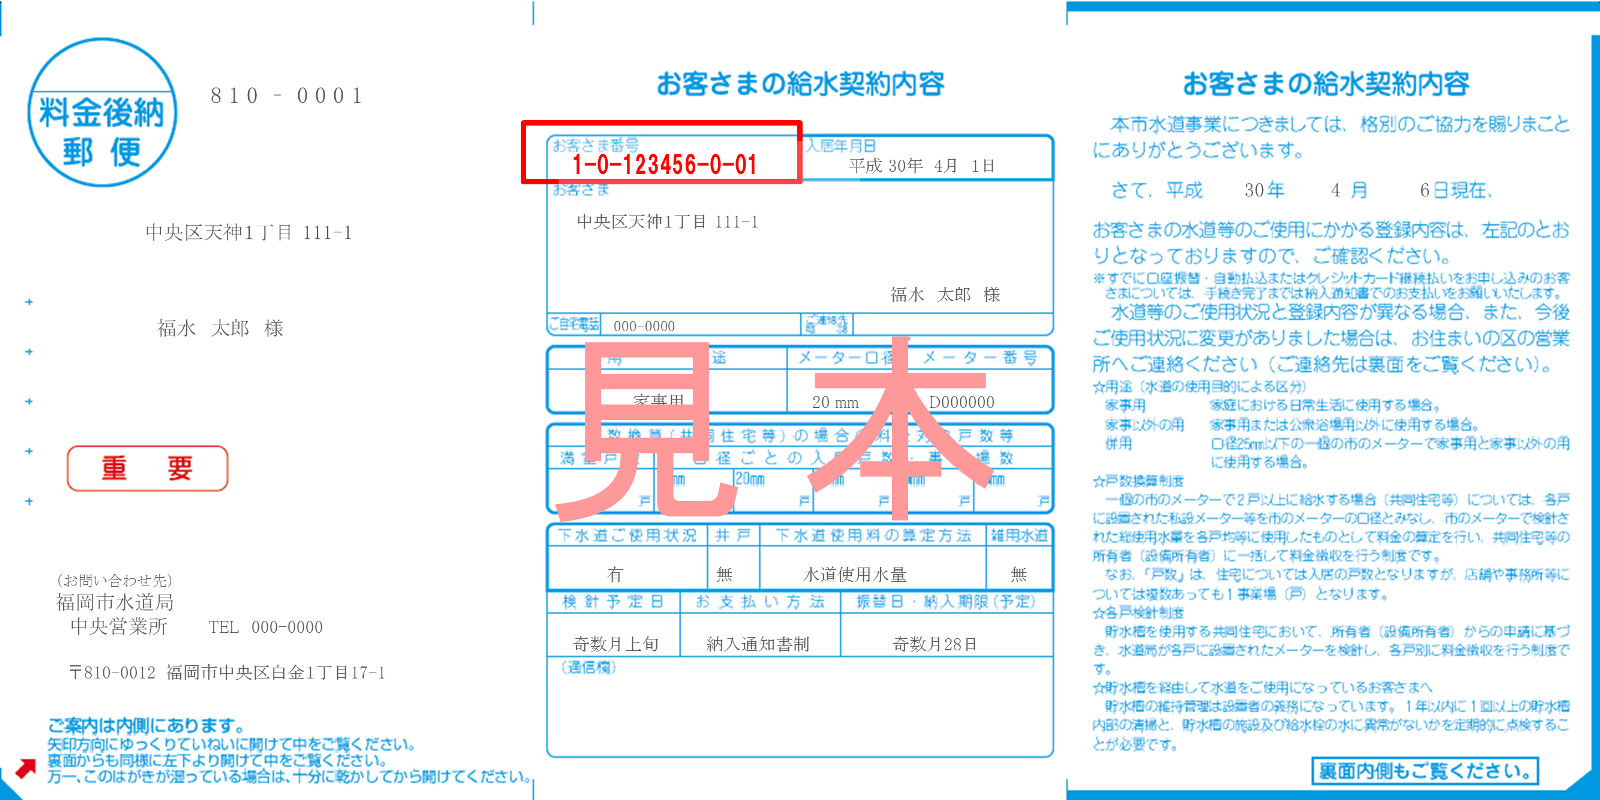 カード 水道 料金 クレジット